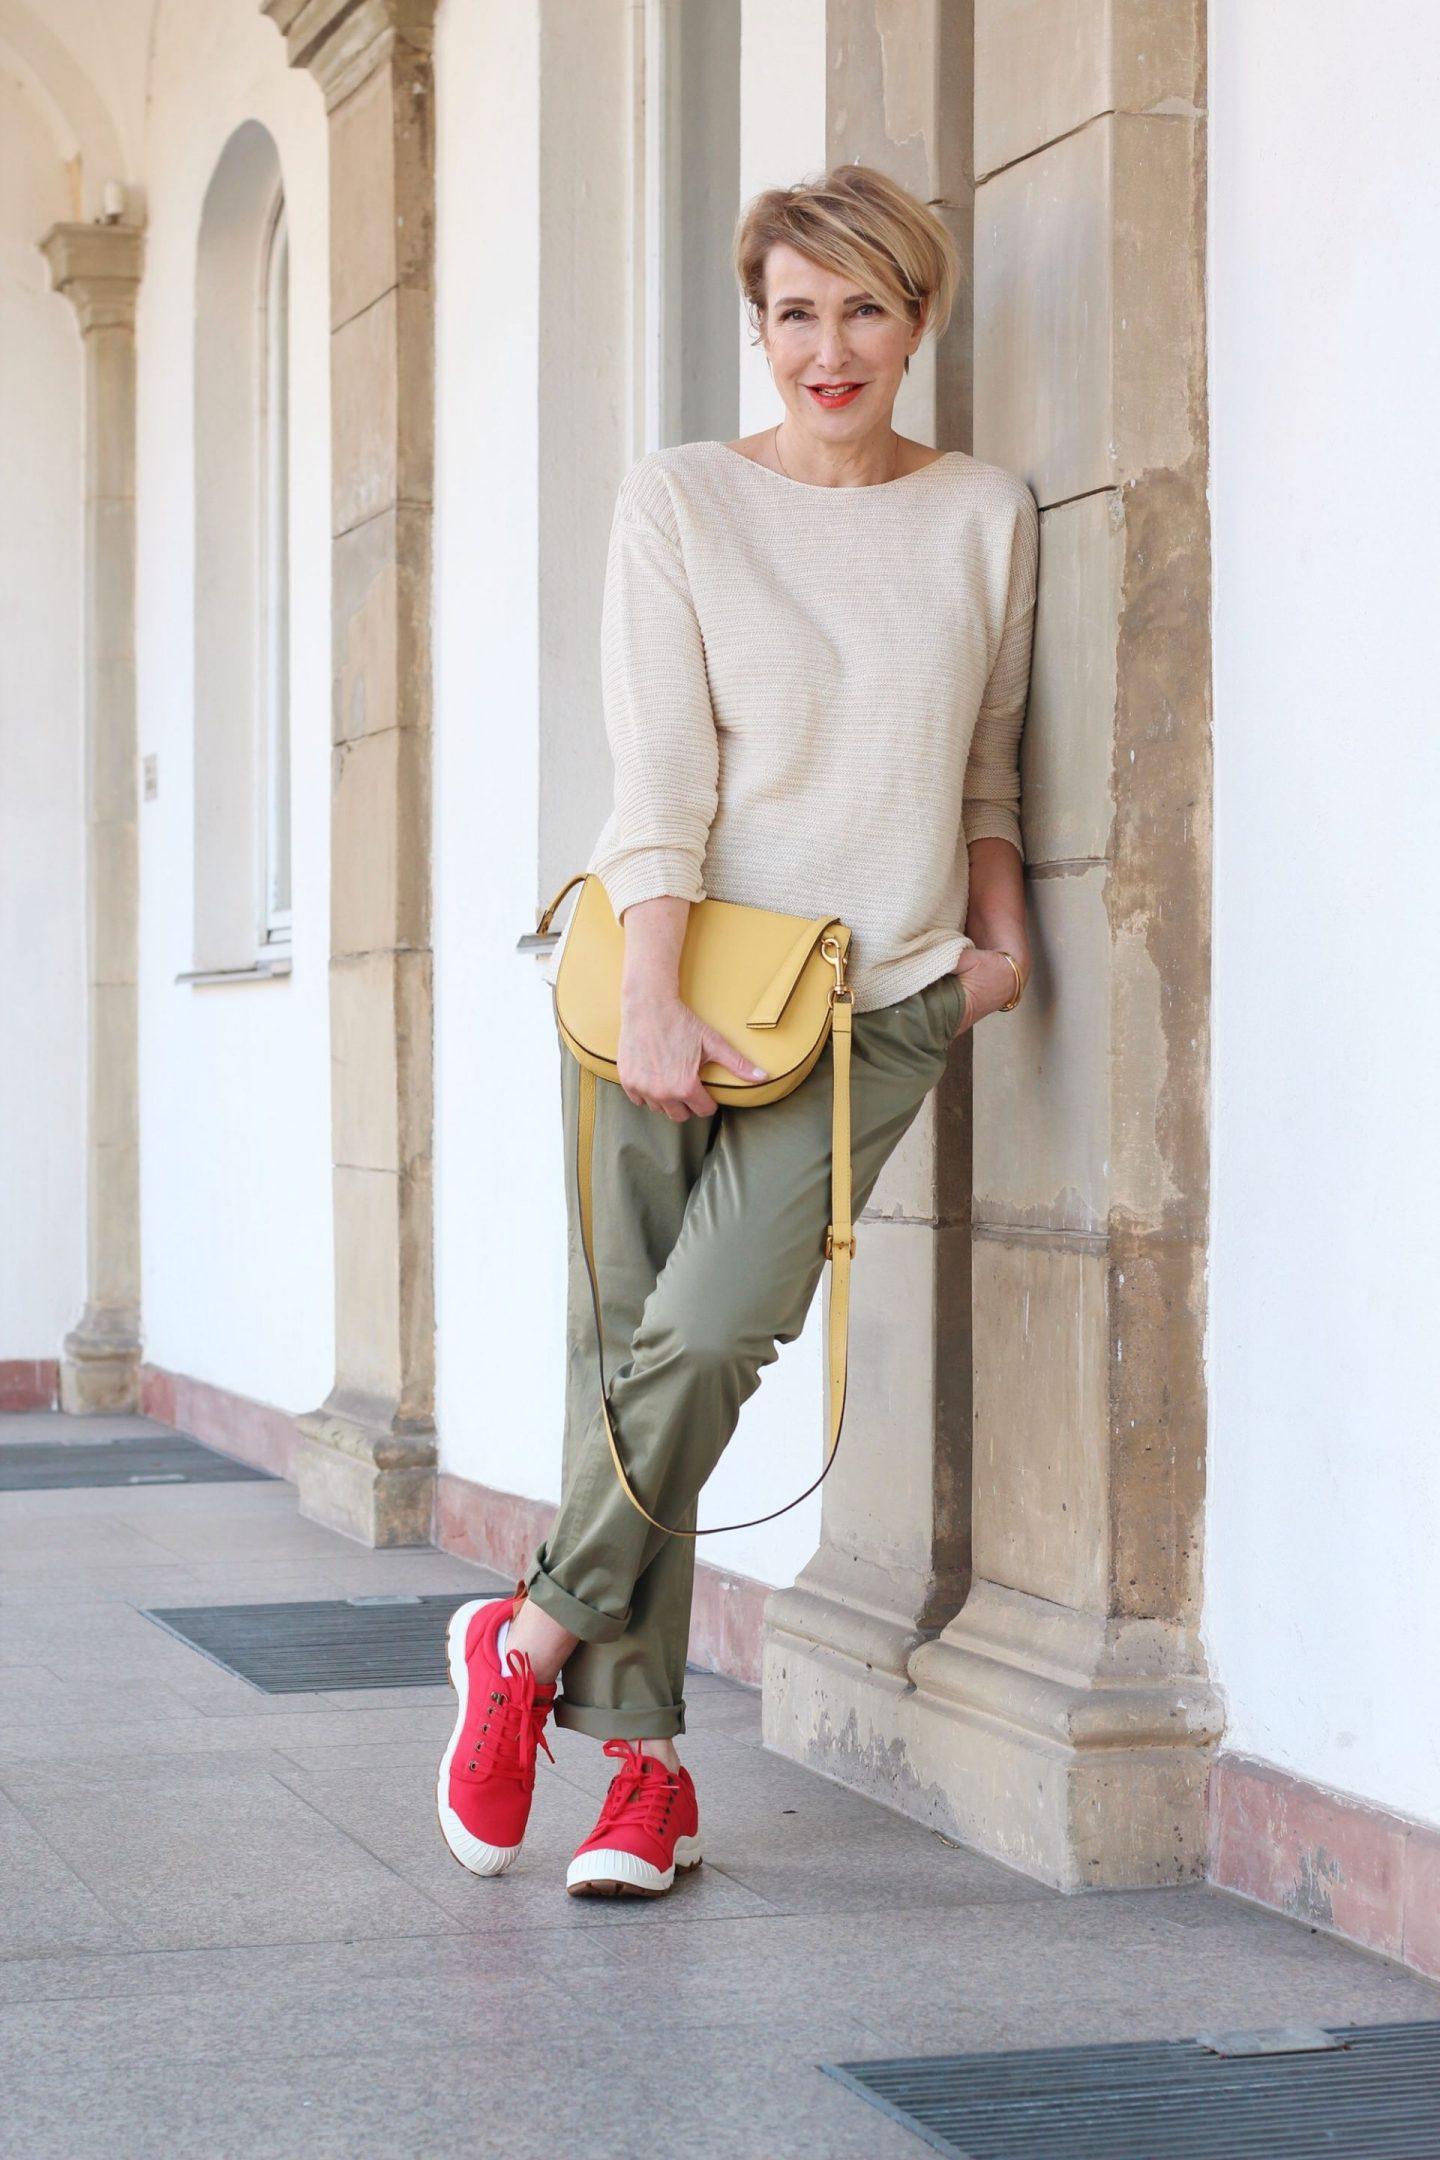 glamupyourlifestyle frühlingsmode British Chino-Hose ue-40-blog ue-50-blog ü-50-mode